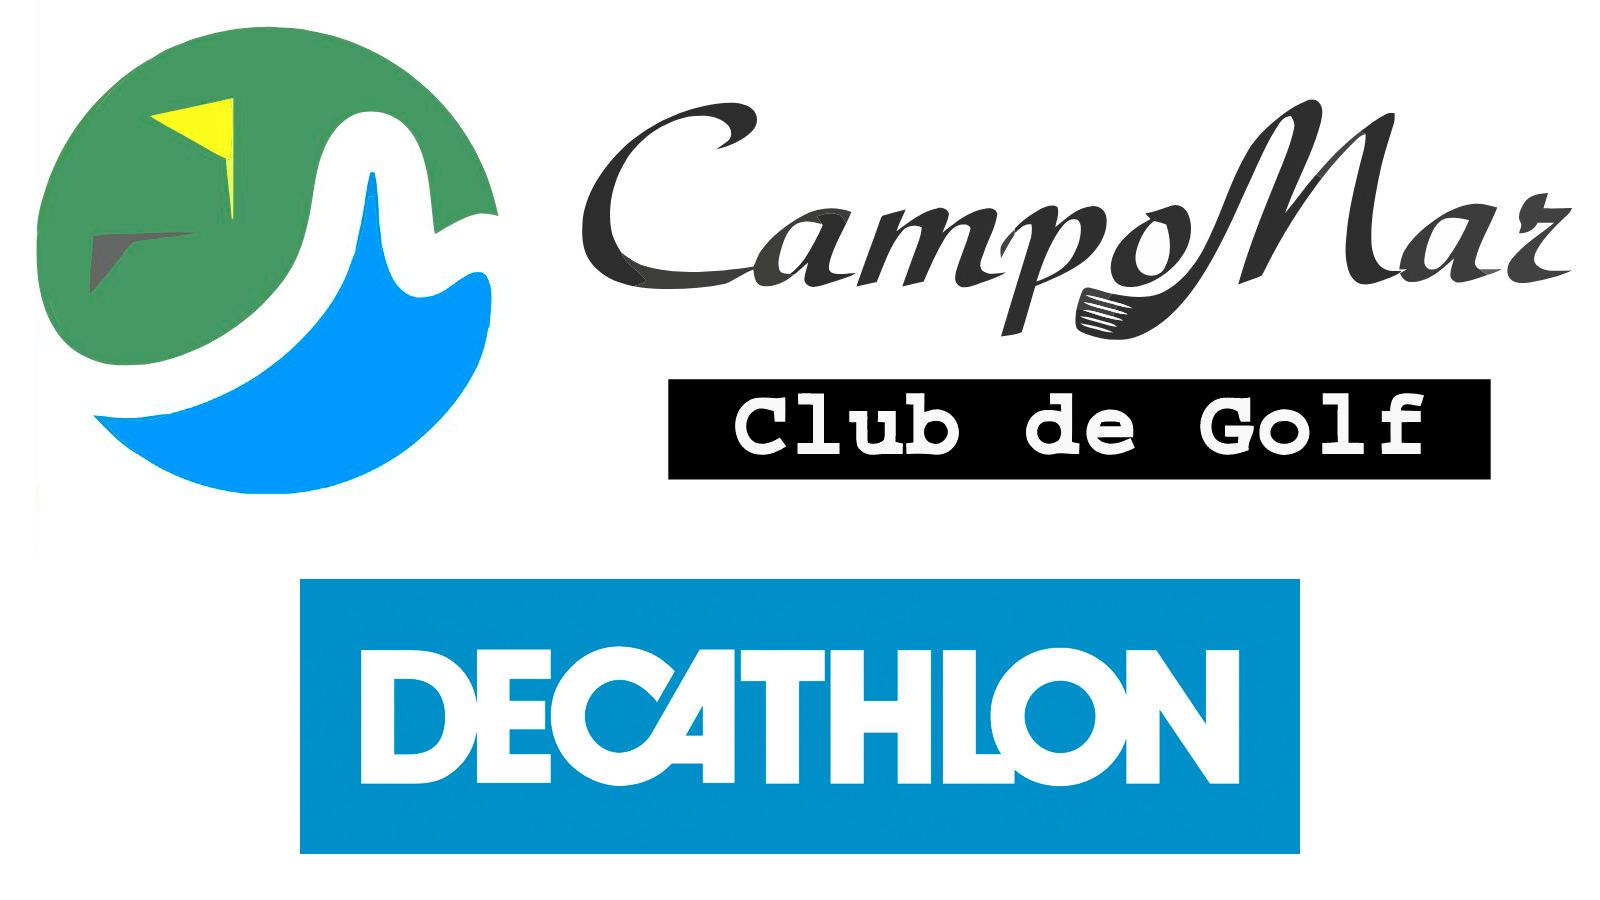 Tienda Campomar by Decathlon